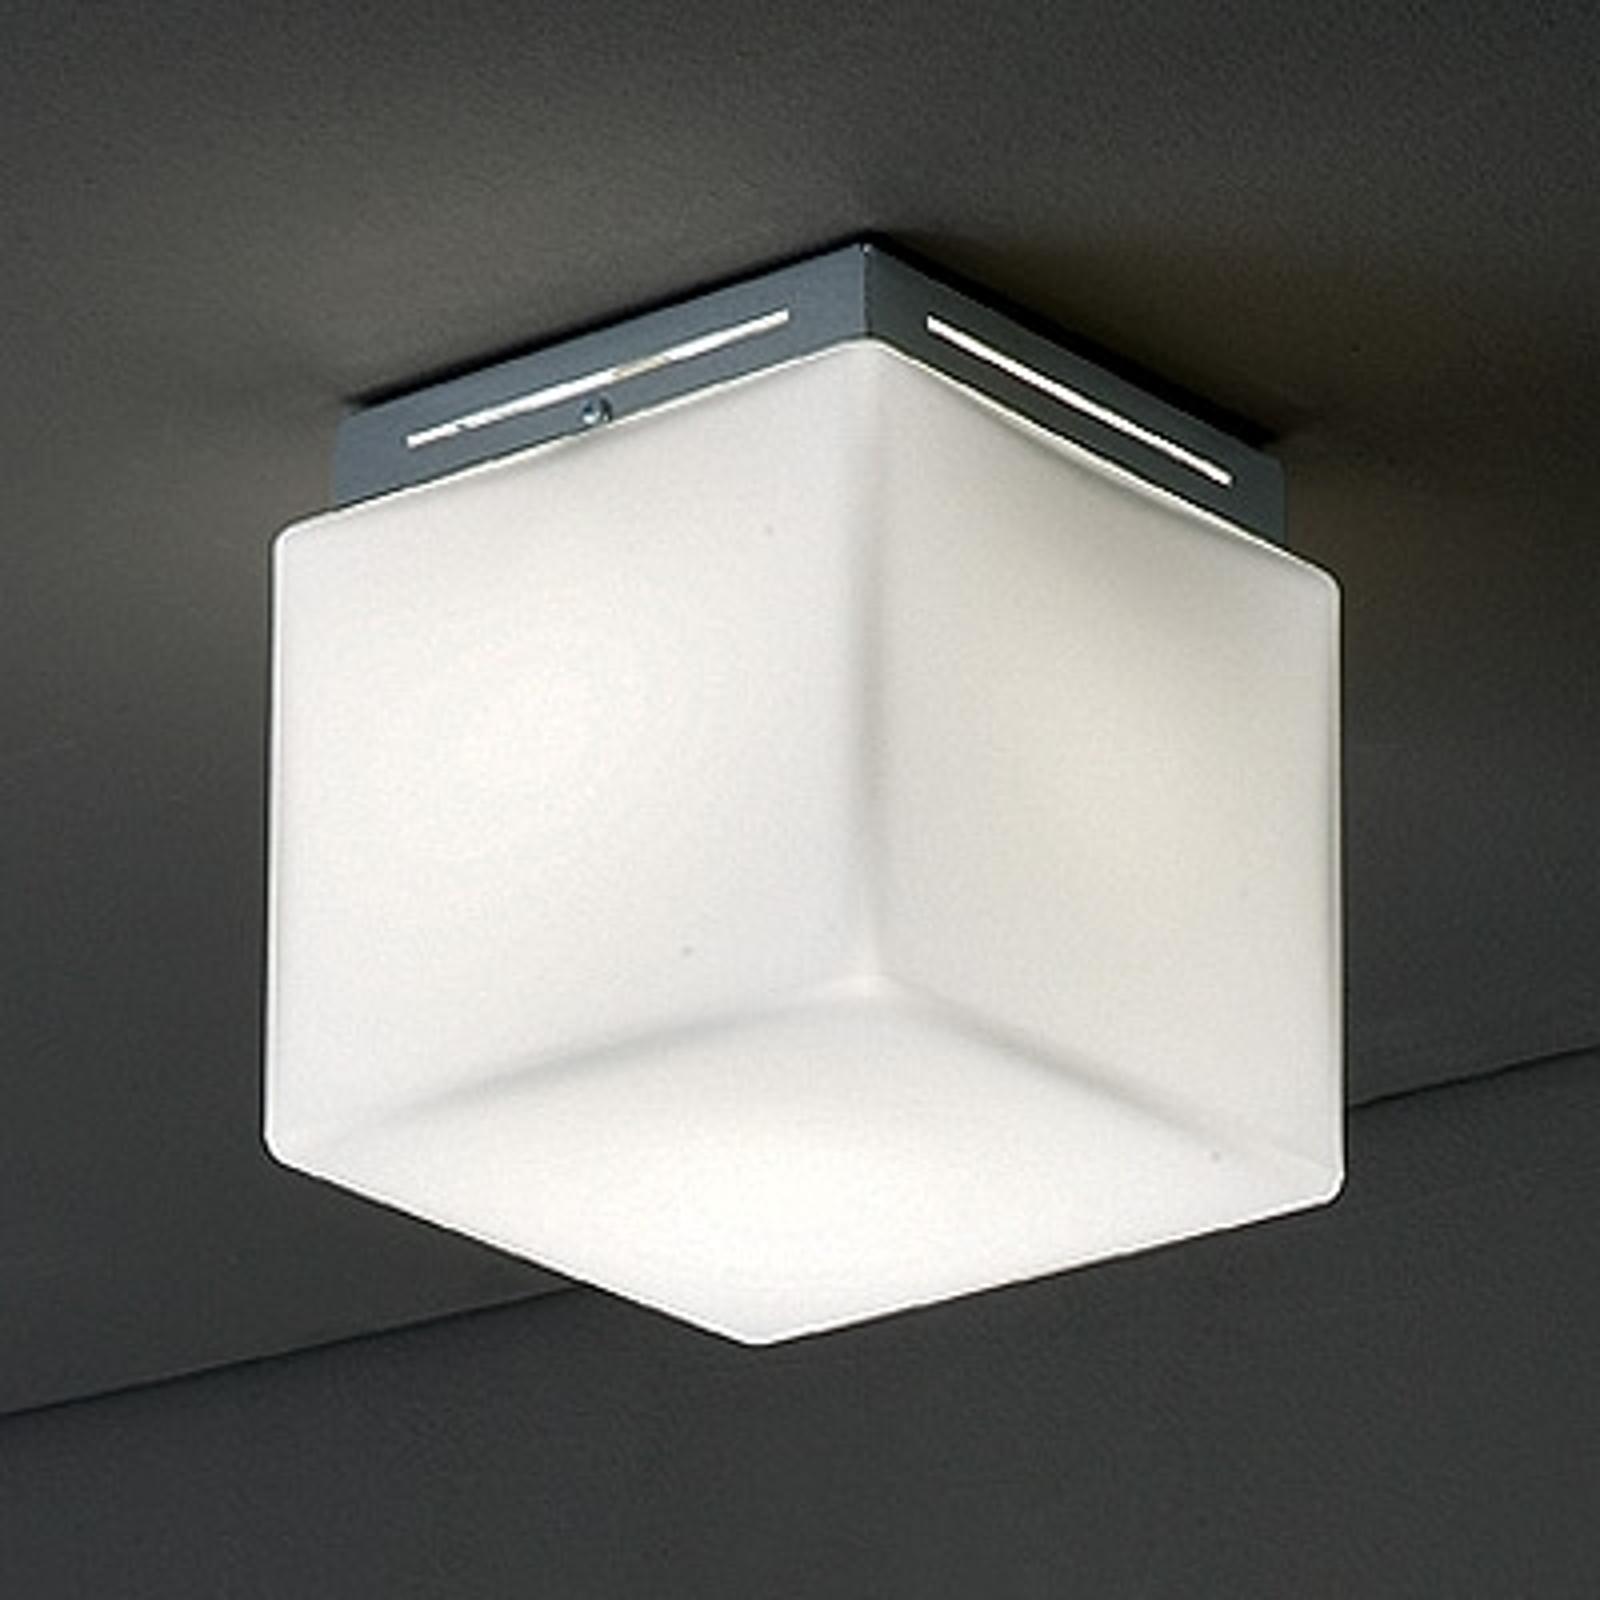 Stropné svietidlo Cubis_1053012_1